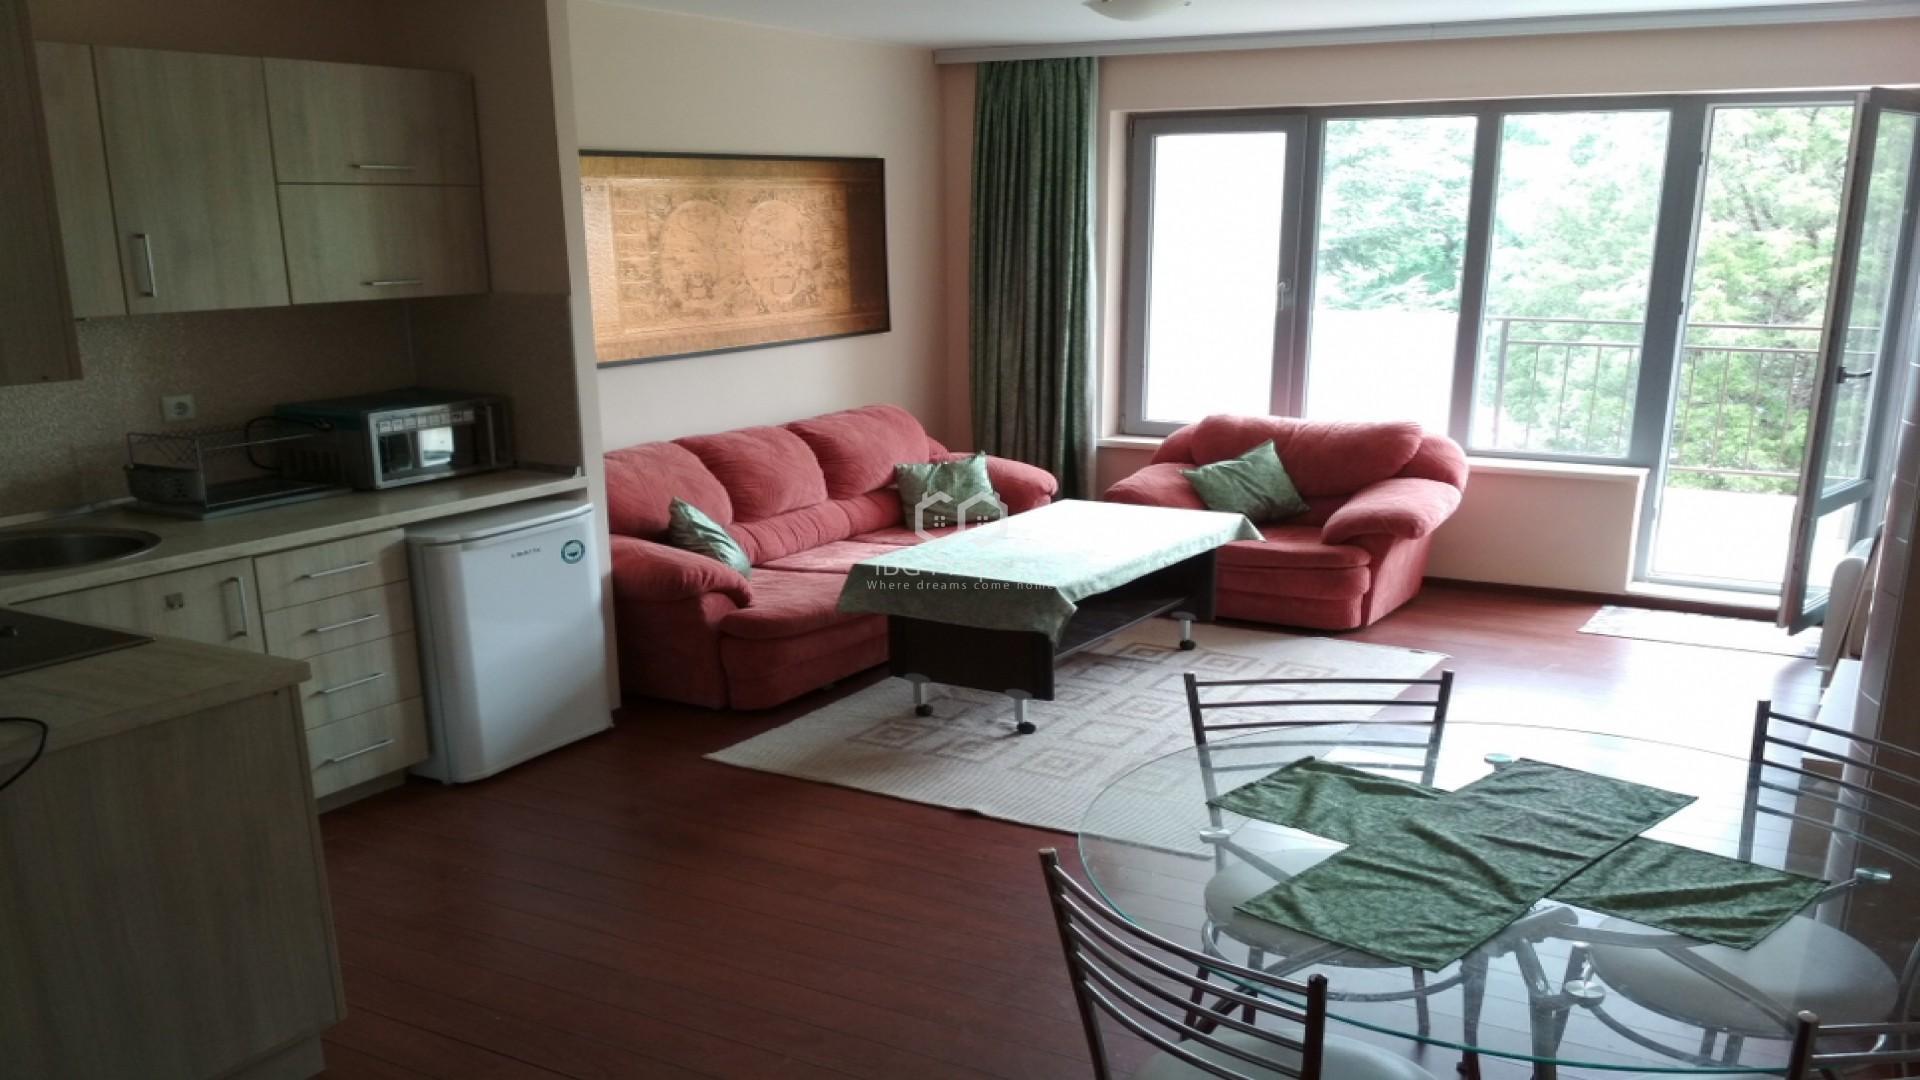 Zweizimmerwohnung in Bjala 64 m2